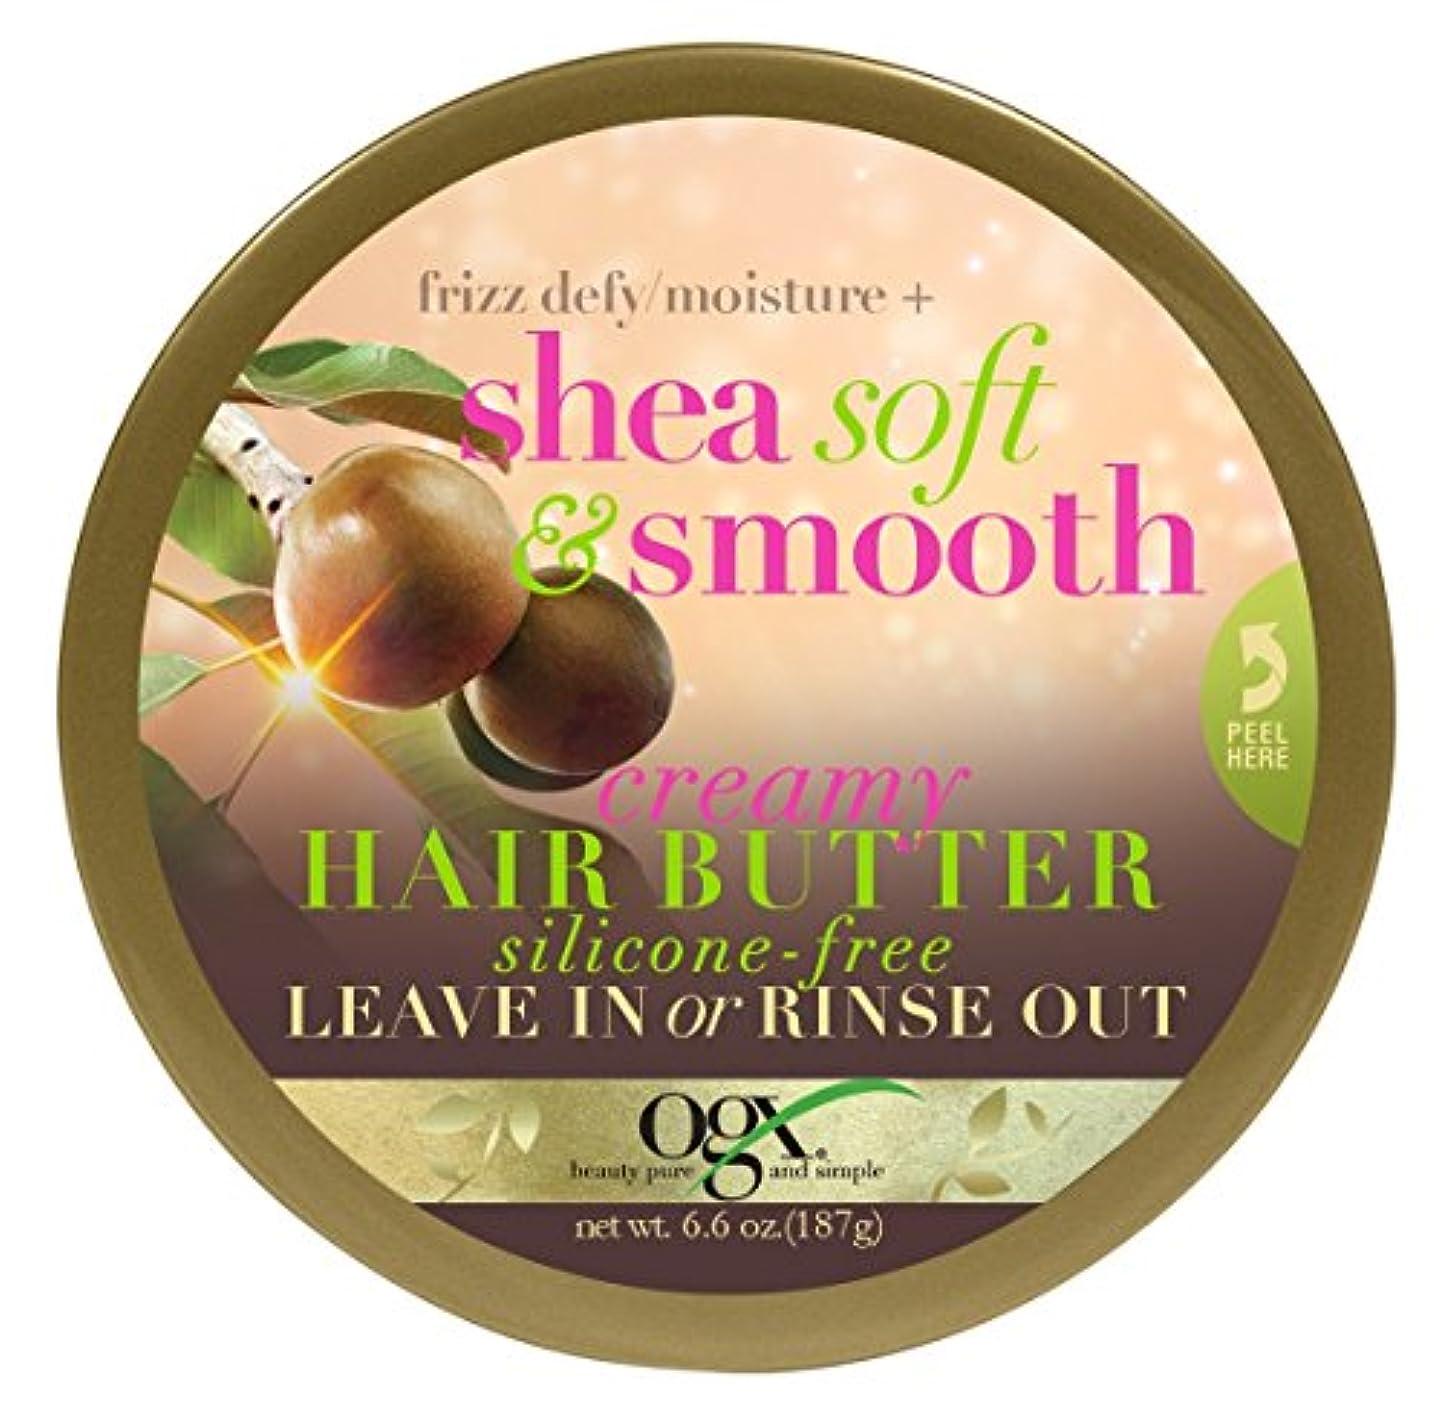 パッチ暖炉牛肉OGX シェイソフト&スムーズな髪バター6.6オンスのジャー(195Ml)(2パック)